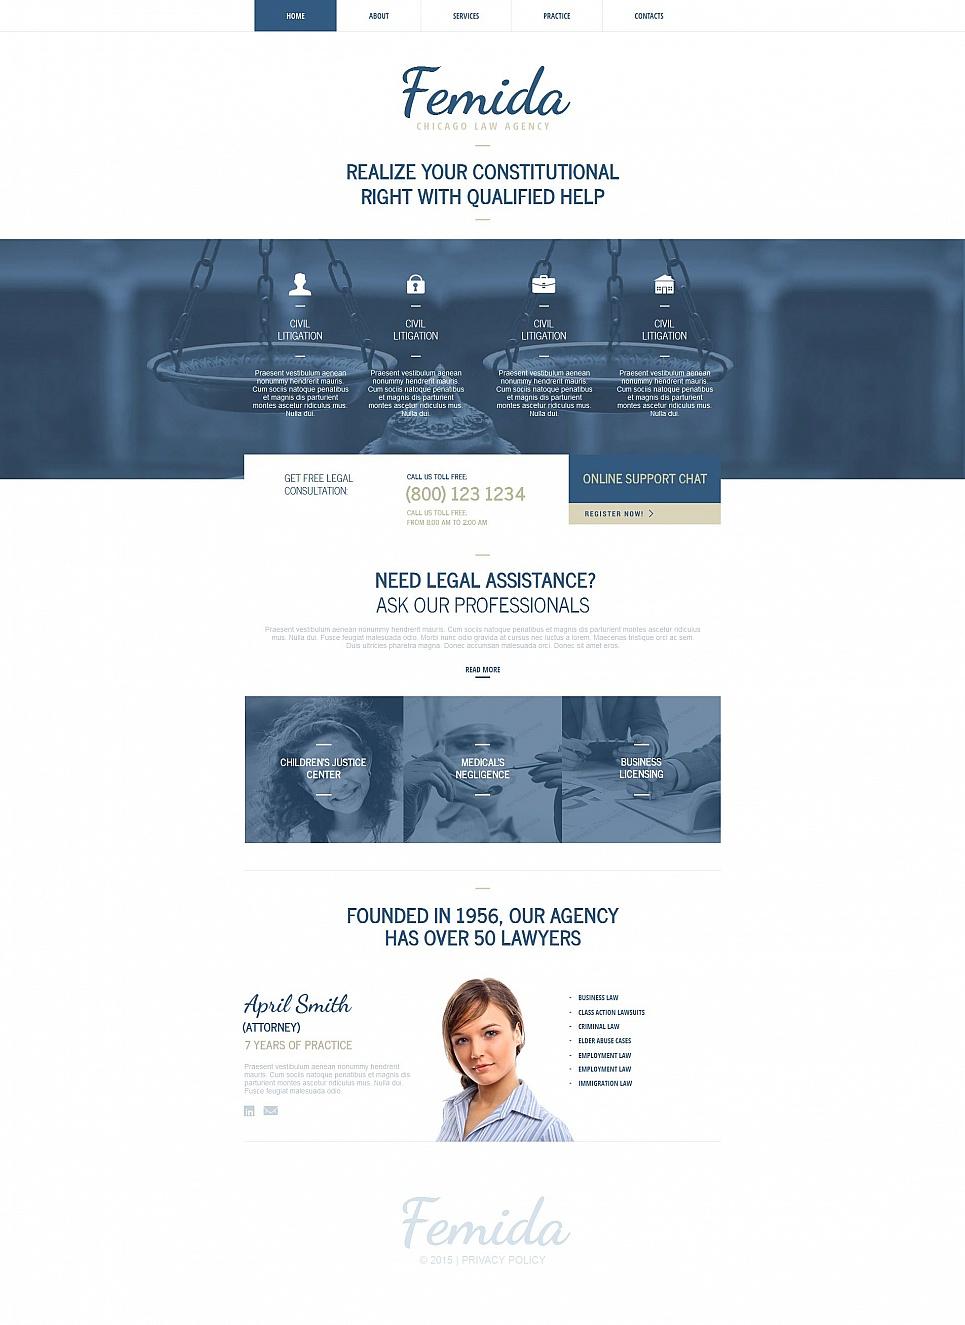 MotoCMS HTML Szablon #54680 z kategorii Prawo - image